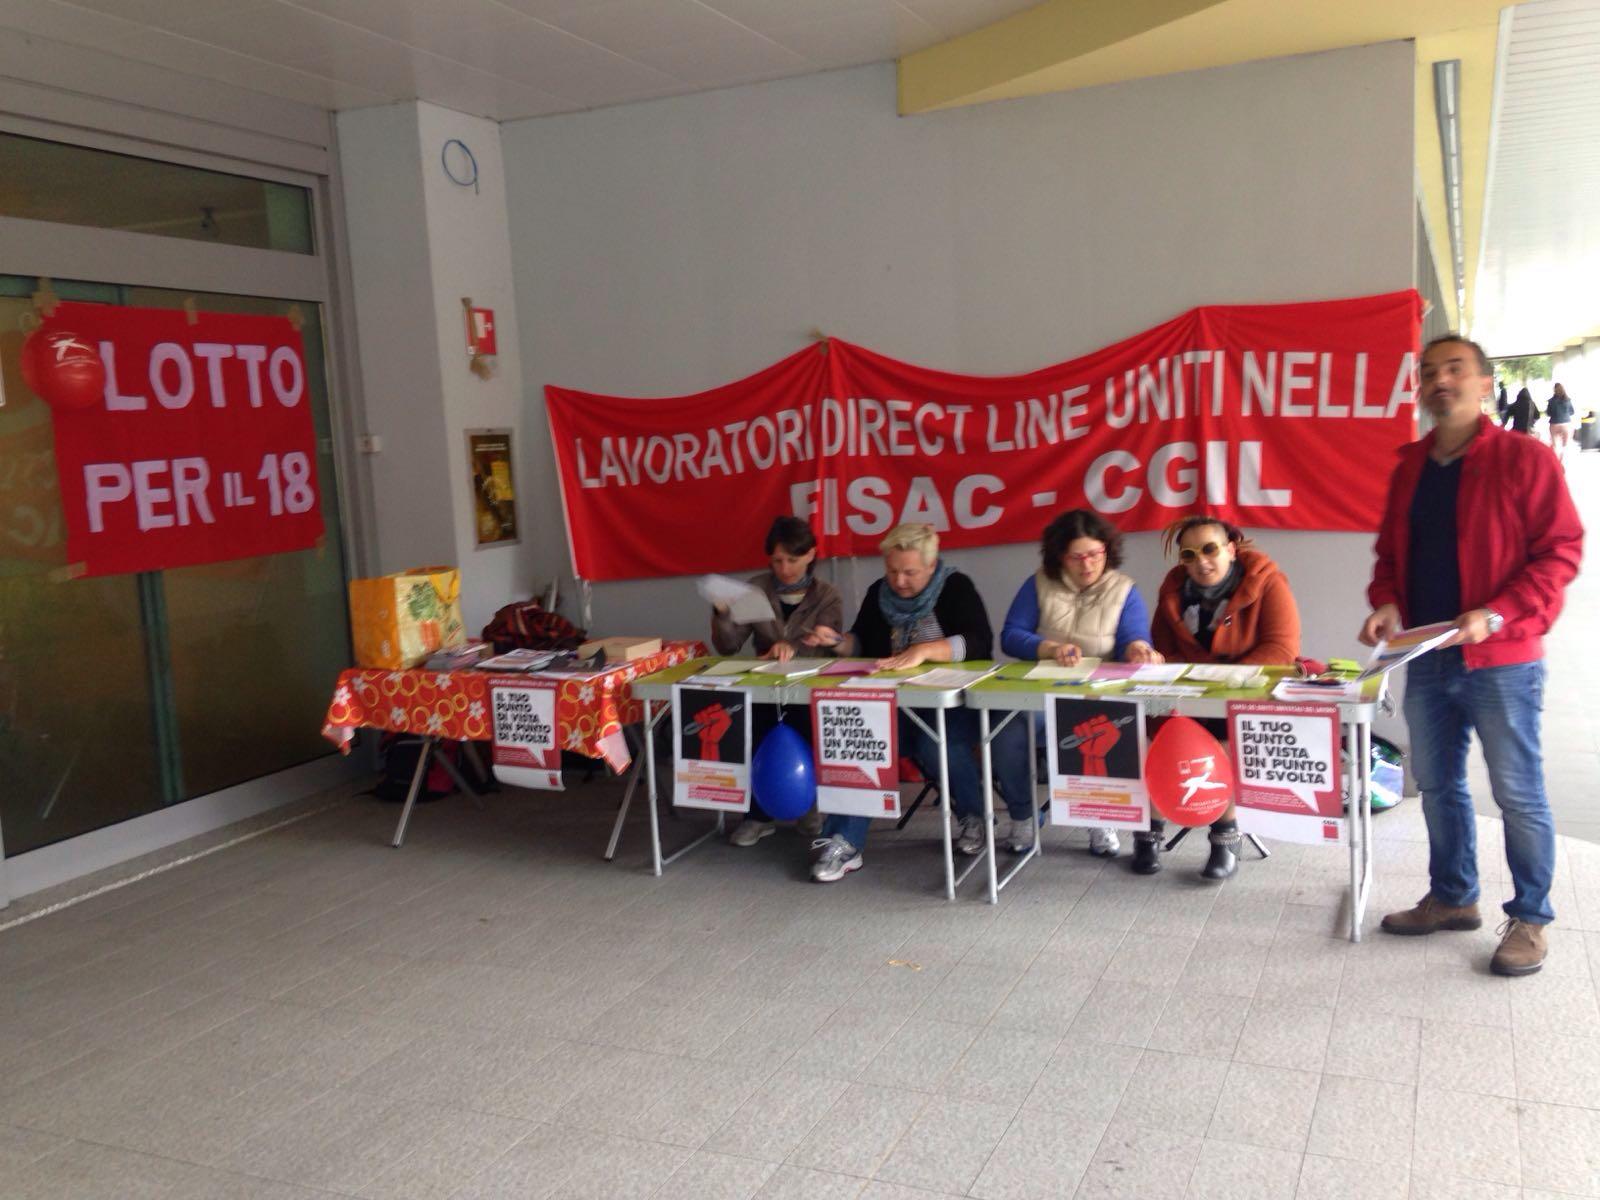 Fisac CGIL Milano e Lombardia: Raccolta firme Carta dei Diritti